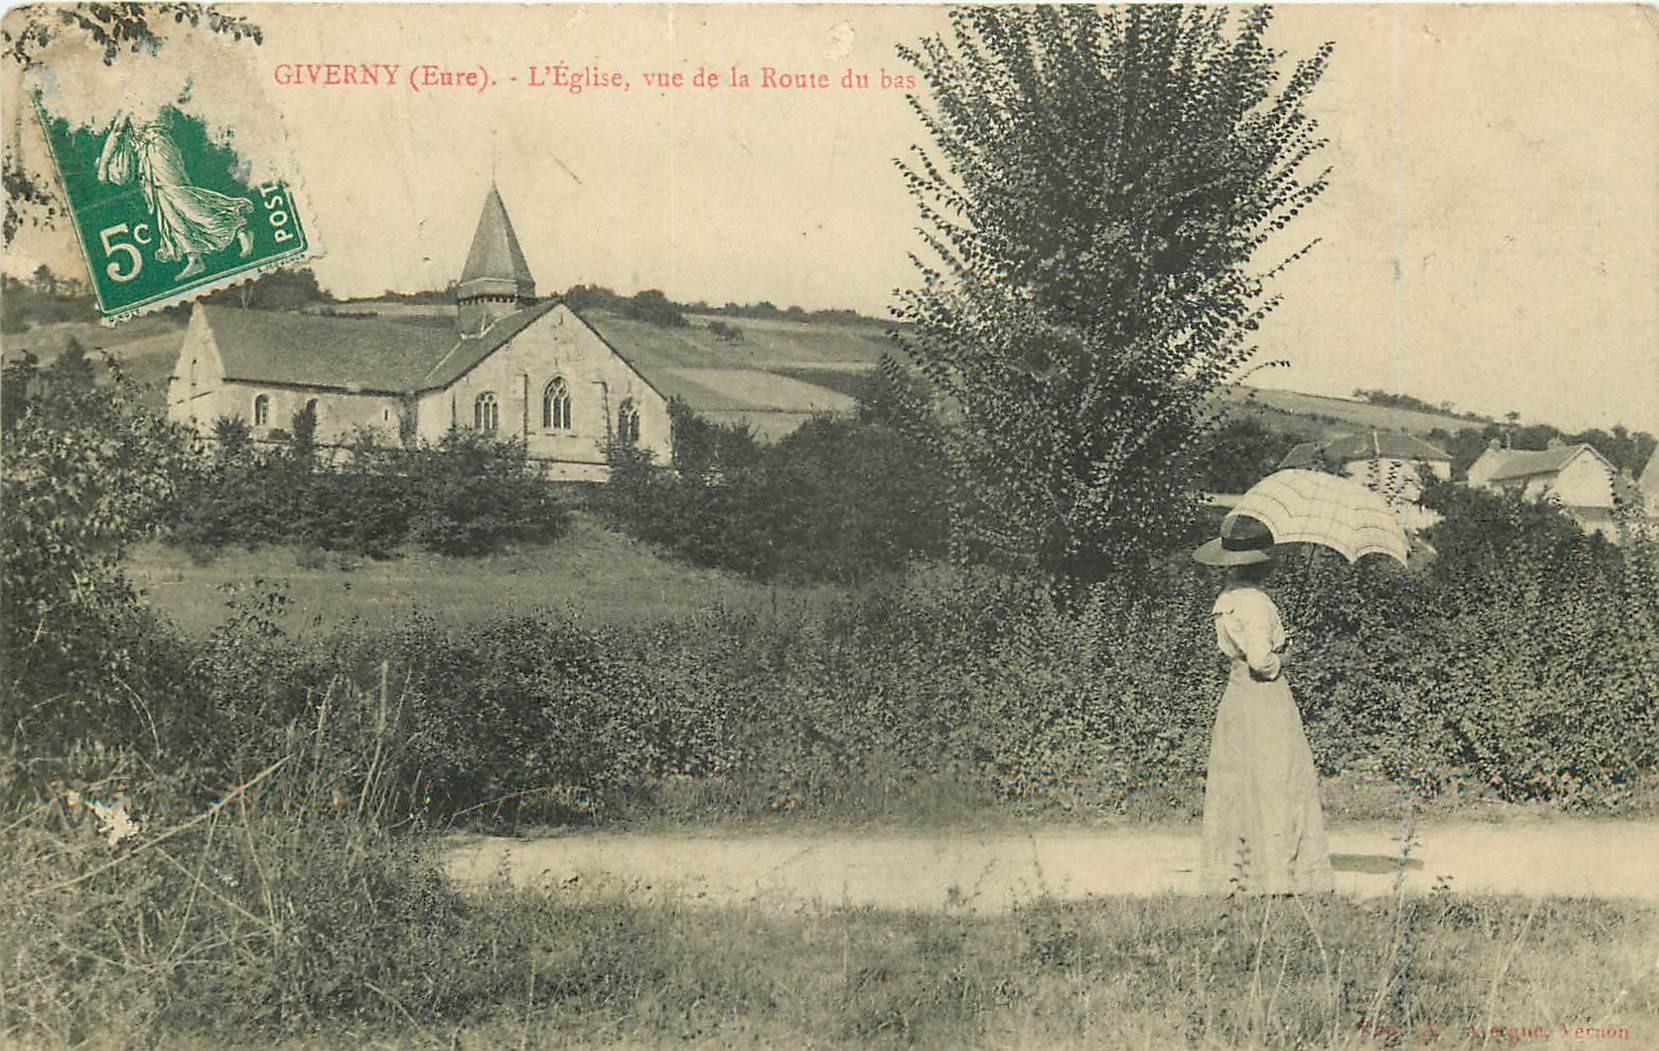 WW 27 GIVERNY. Eglise et Femme sur la Route du bas